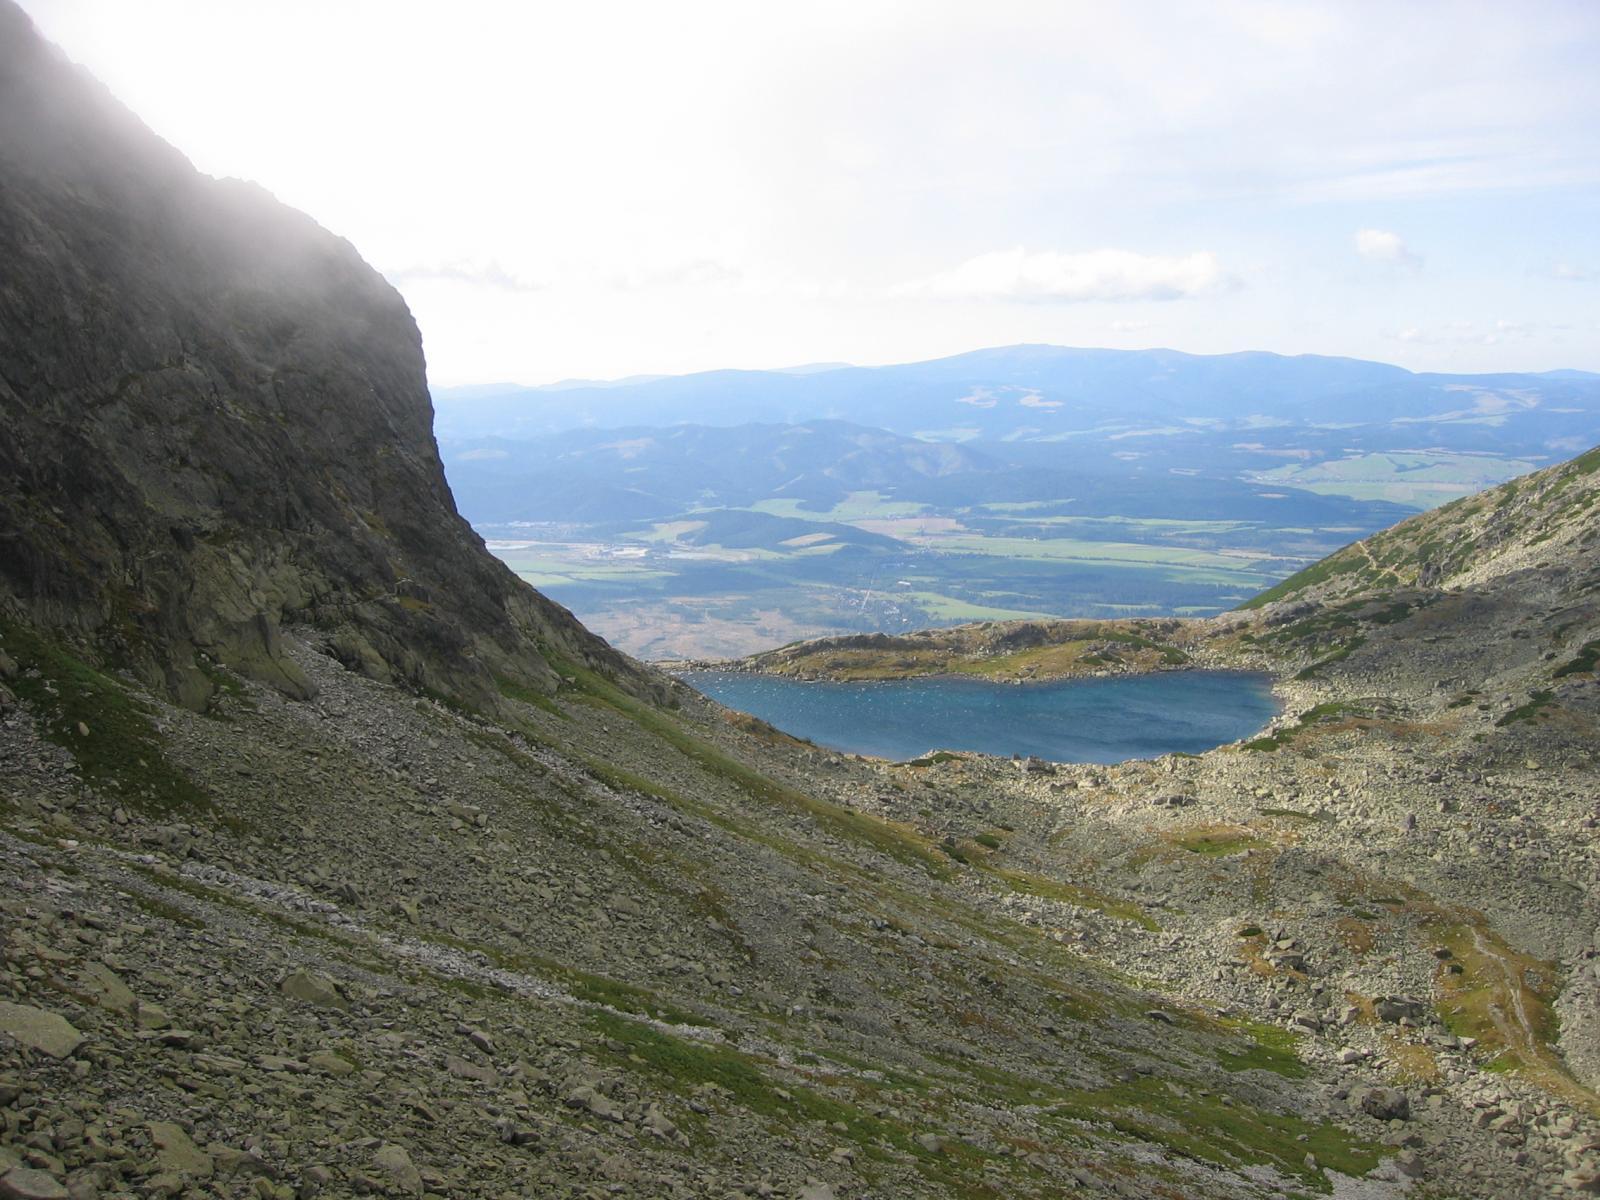 lake up high